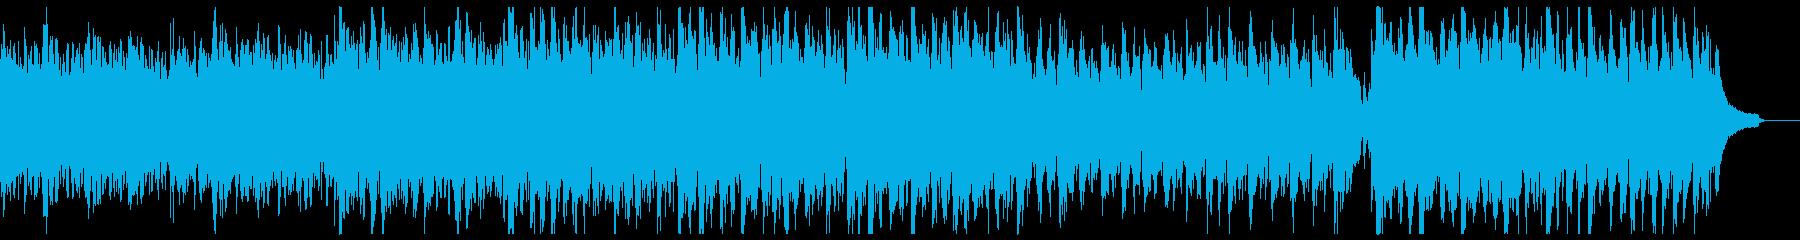 明るく現代的な箏&ピアノの再生済みの波形